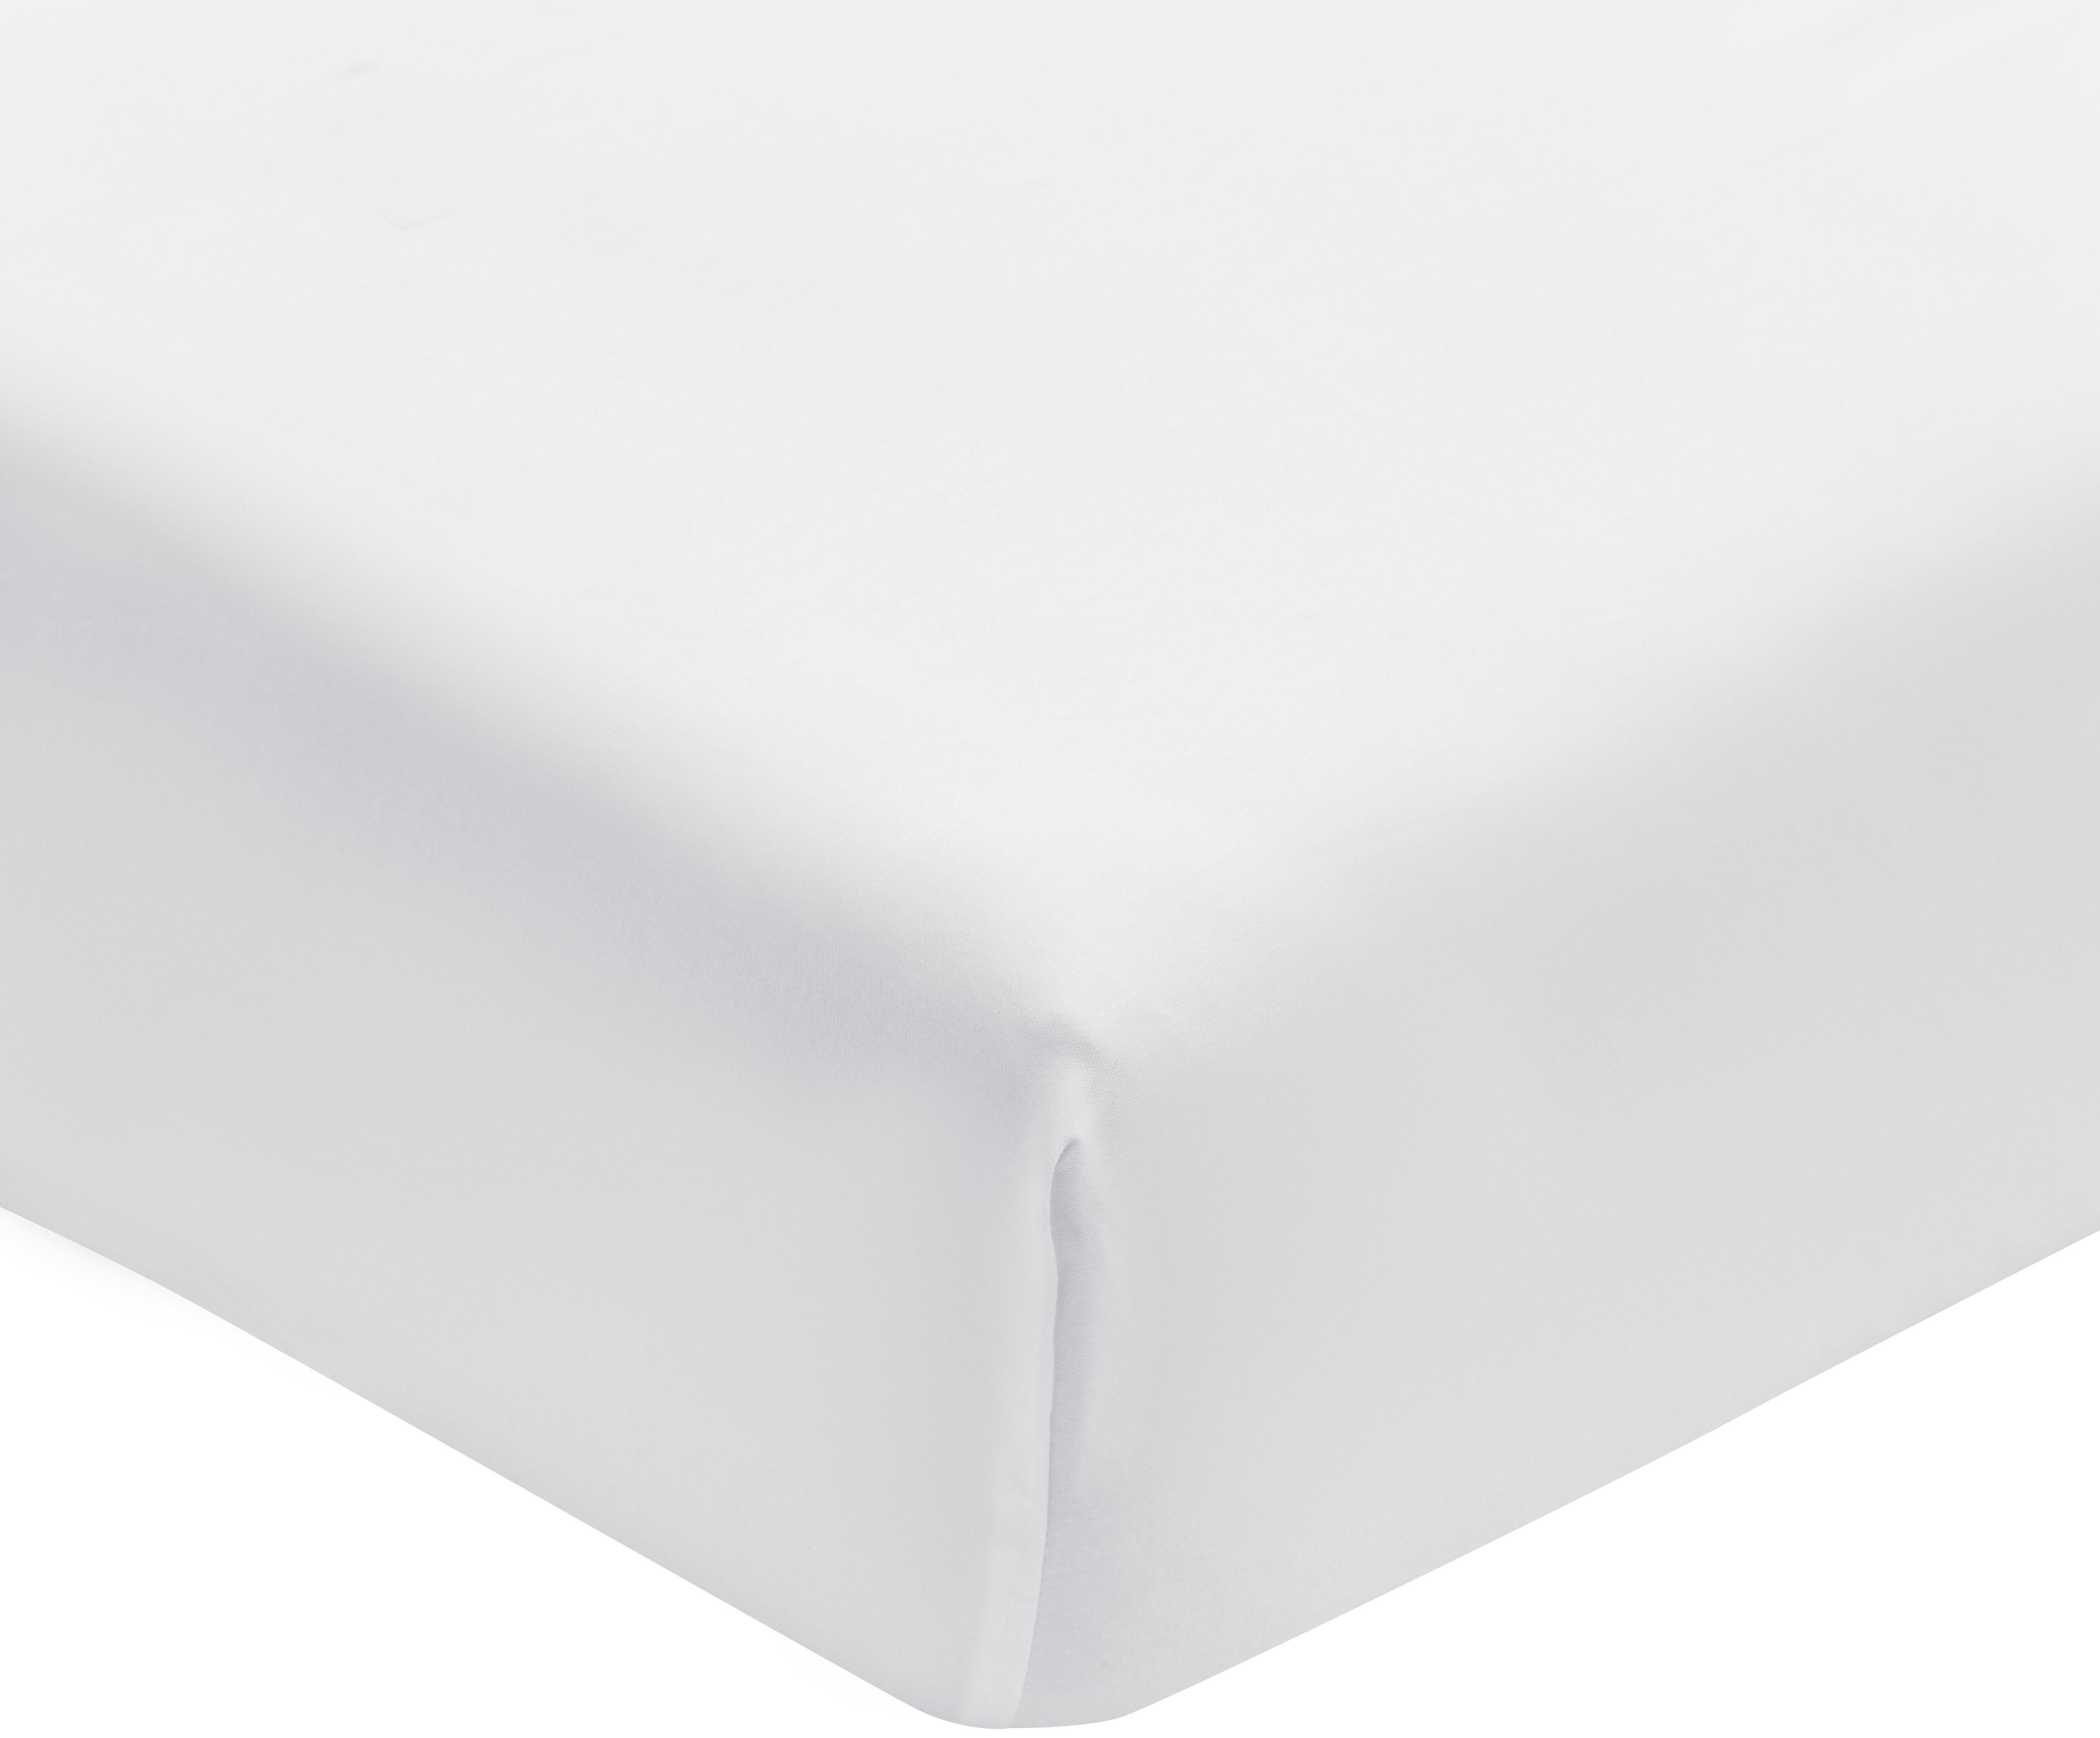 Spannbettlaken Premium in Weiss, Baumwollsatin, Webart: Satin, leicht glänzend, Weiss, 90 x 200 cm